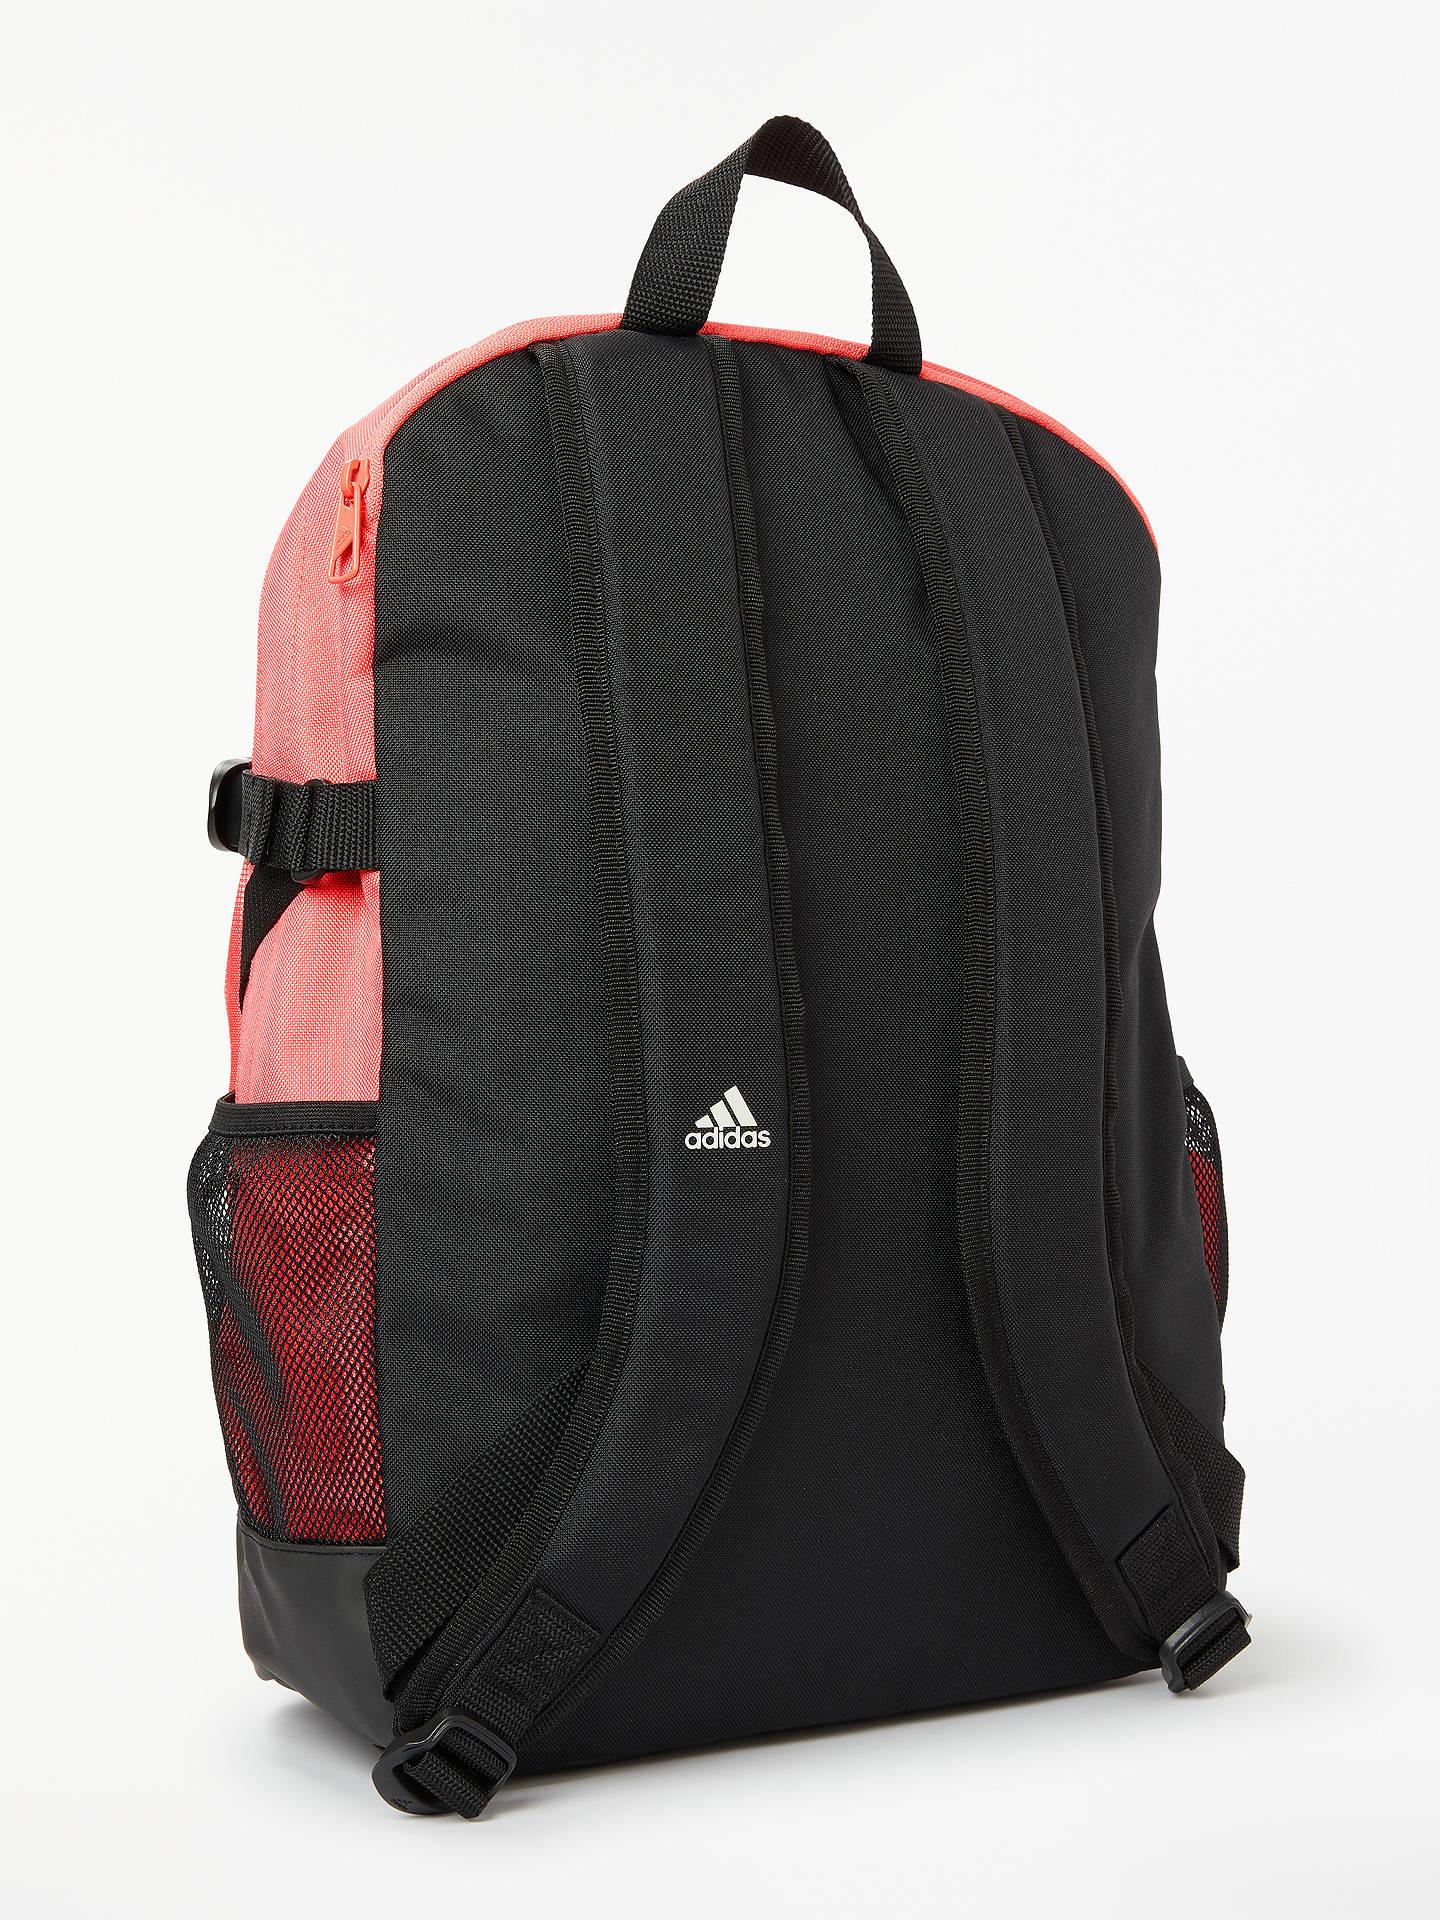 eb009db34ebf2 ... Buy adidas Power 4 Graphic Backpack